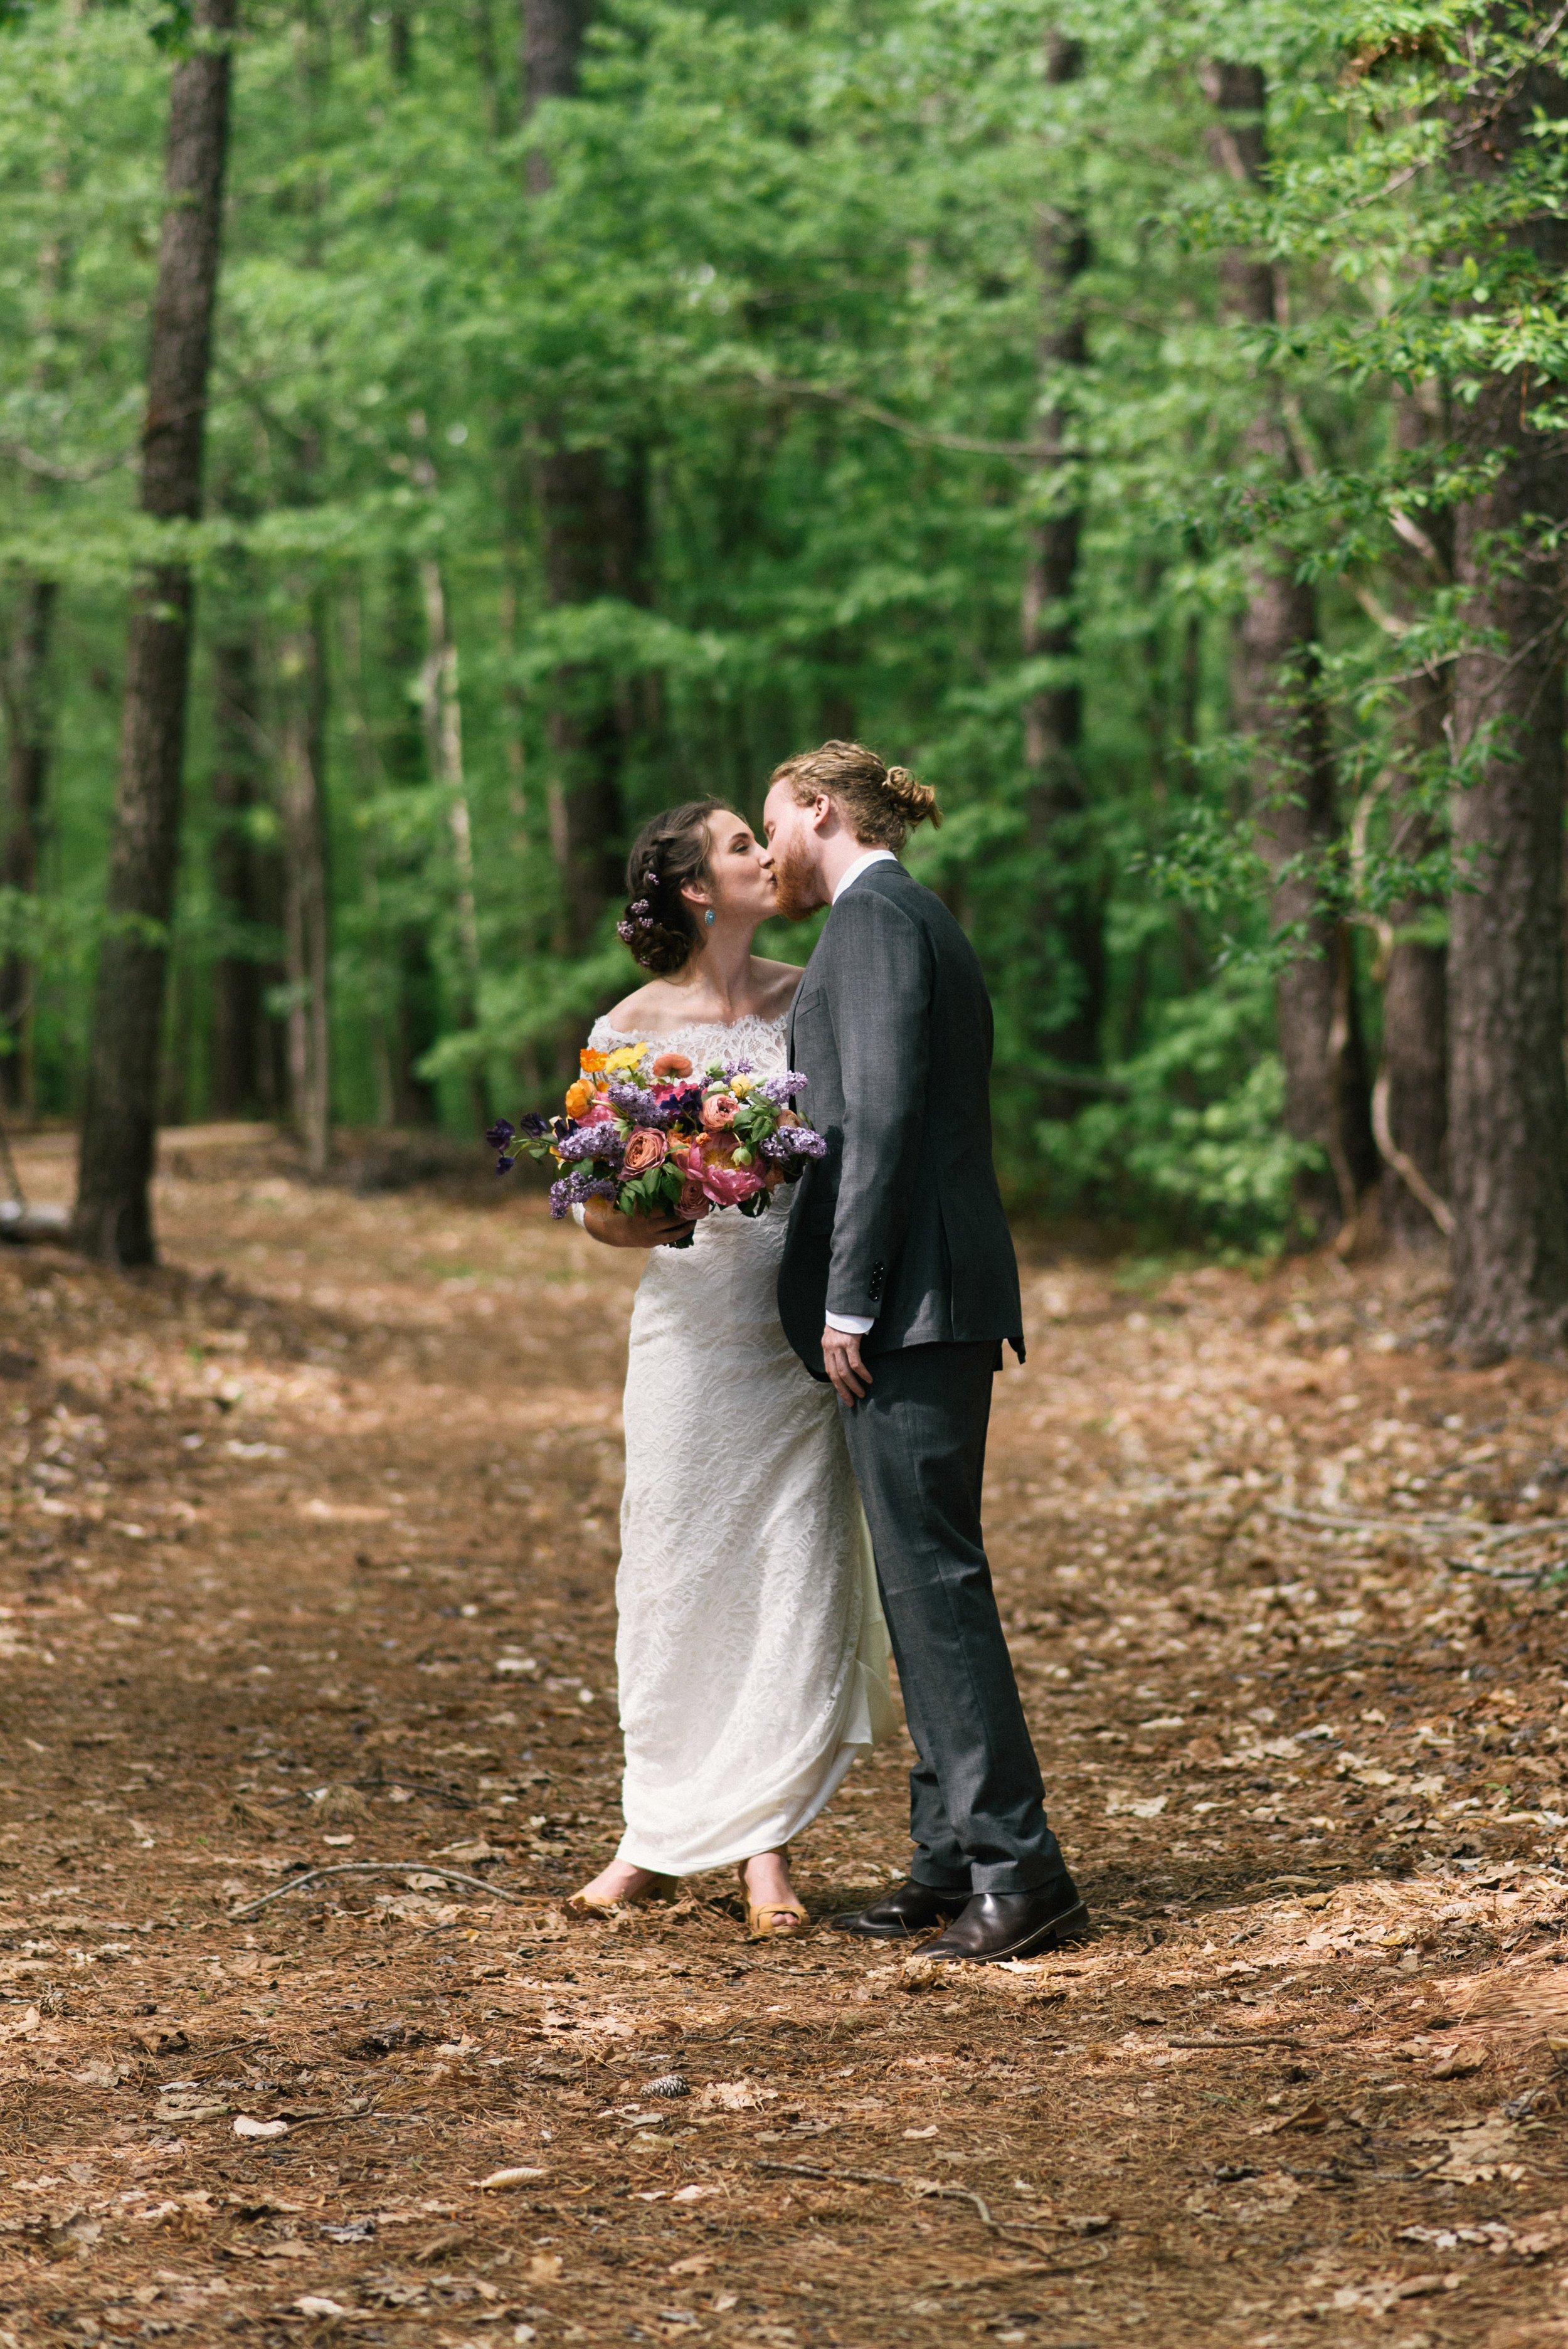 raleigh-elopement-photographer-raleigh-durham-wedding-maddie-and-devin- (25 of 162).jpg